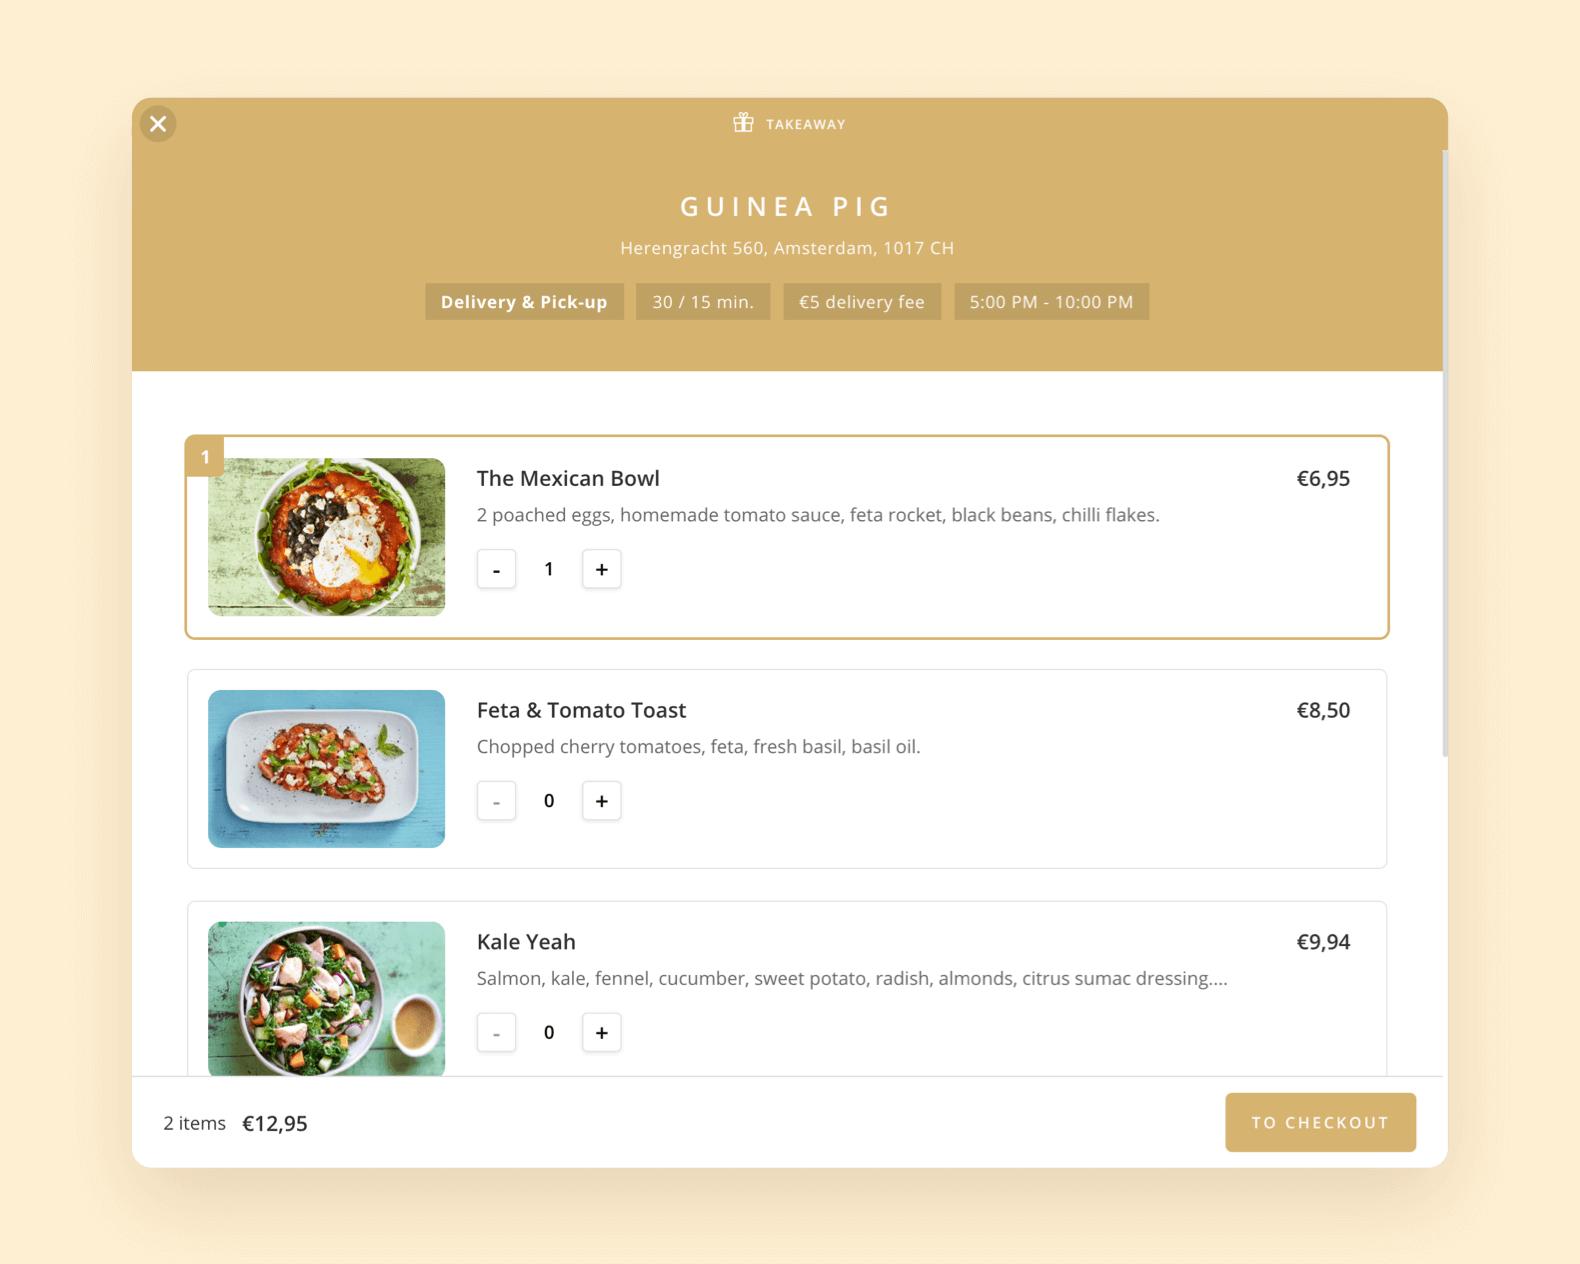 Stel je eigen menu samen met beschrijving en afbeeldingen